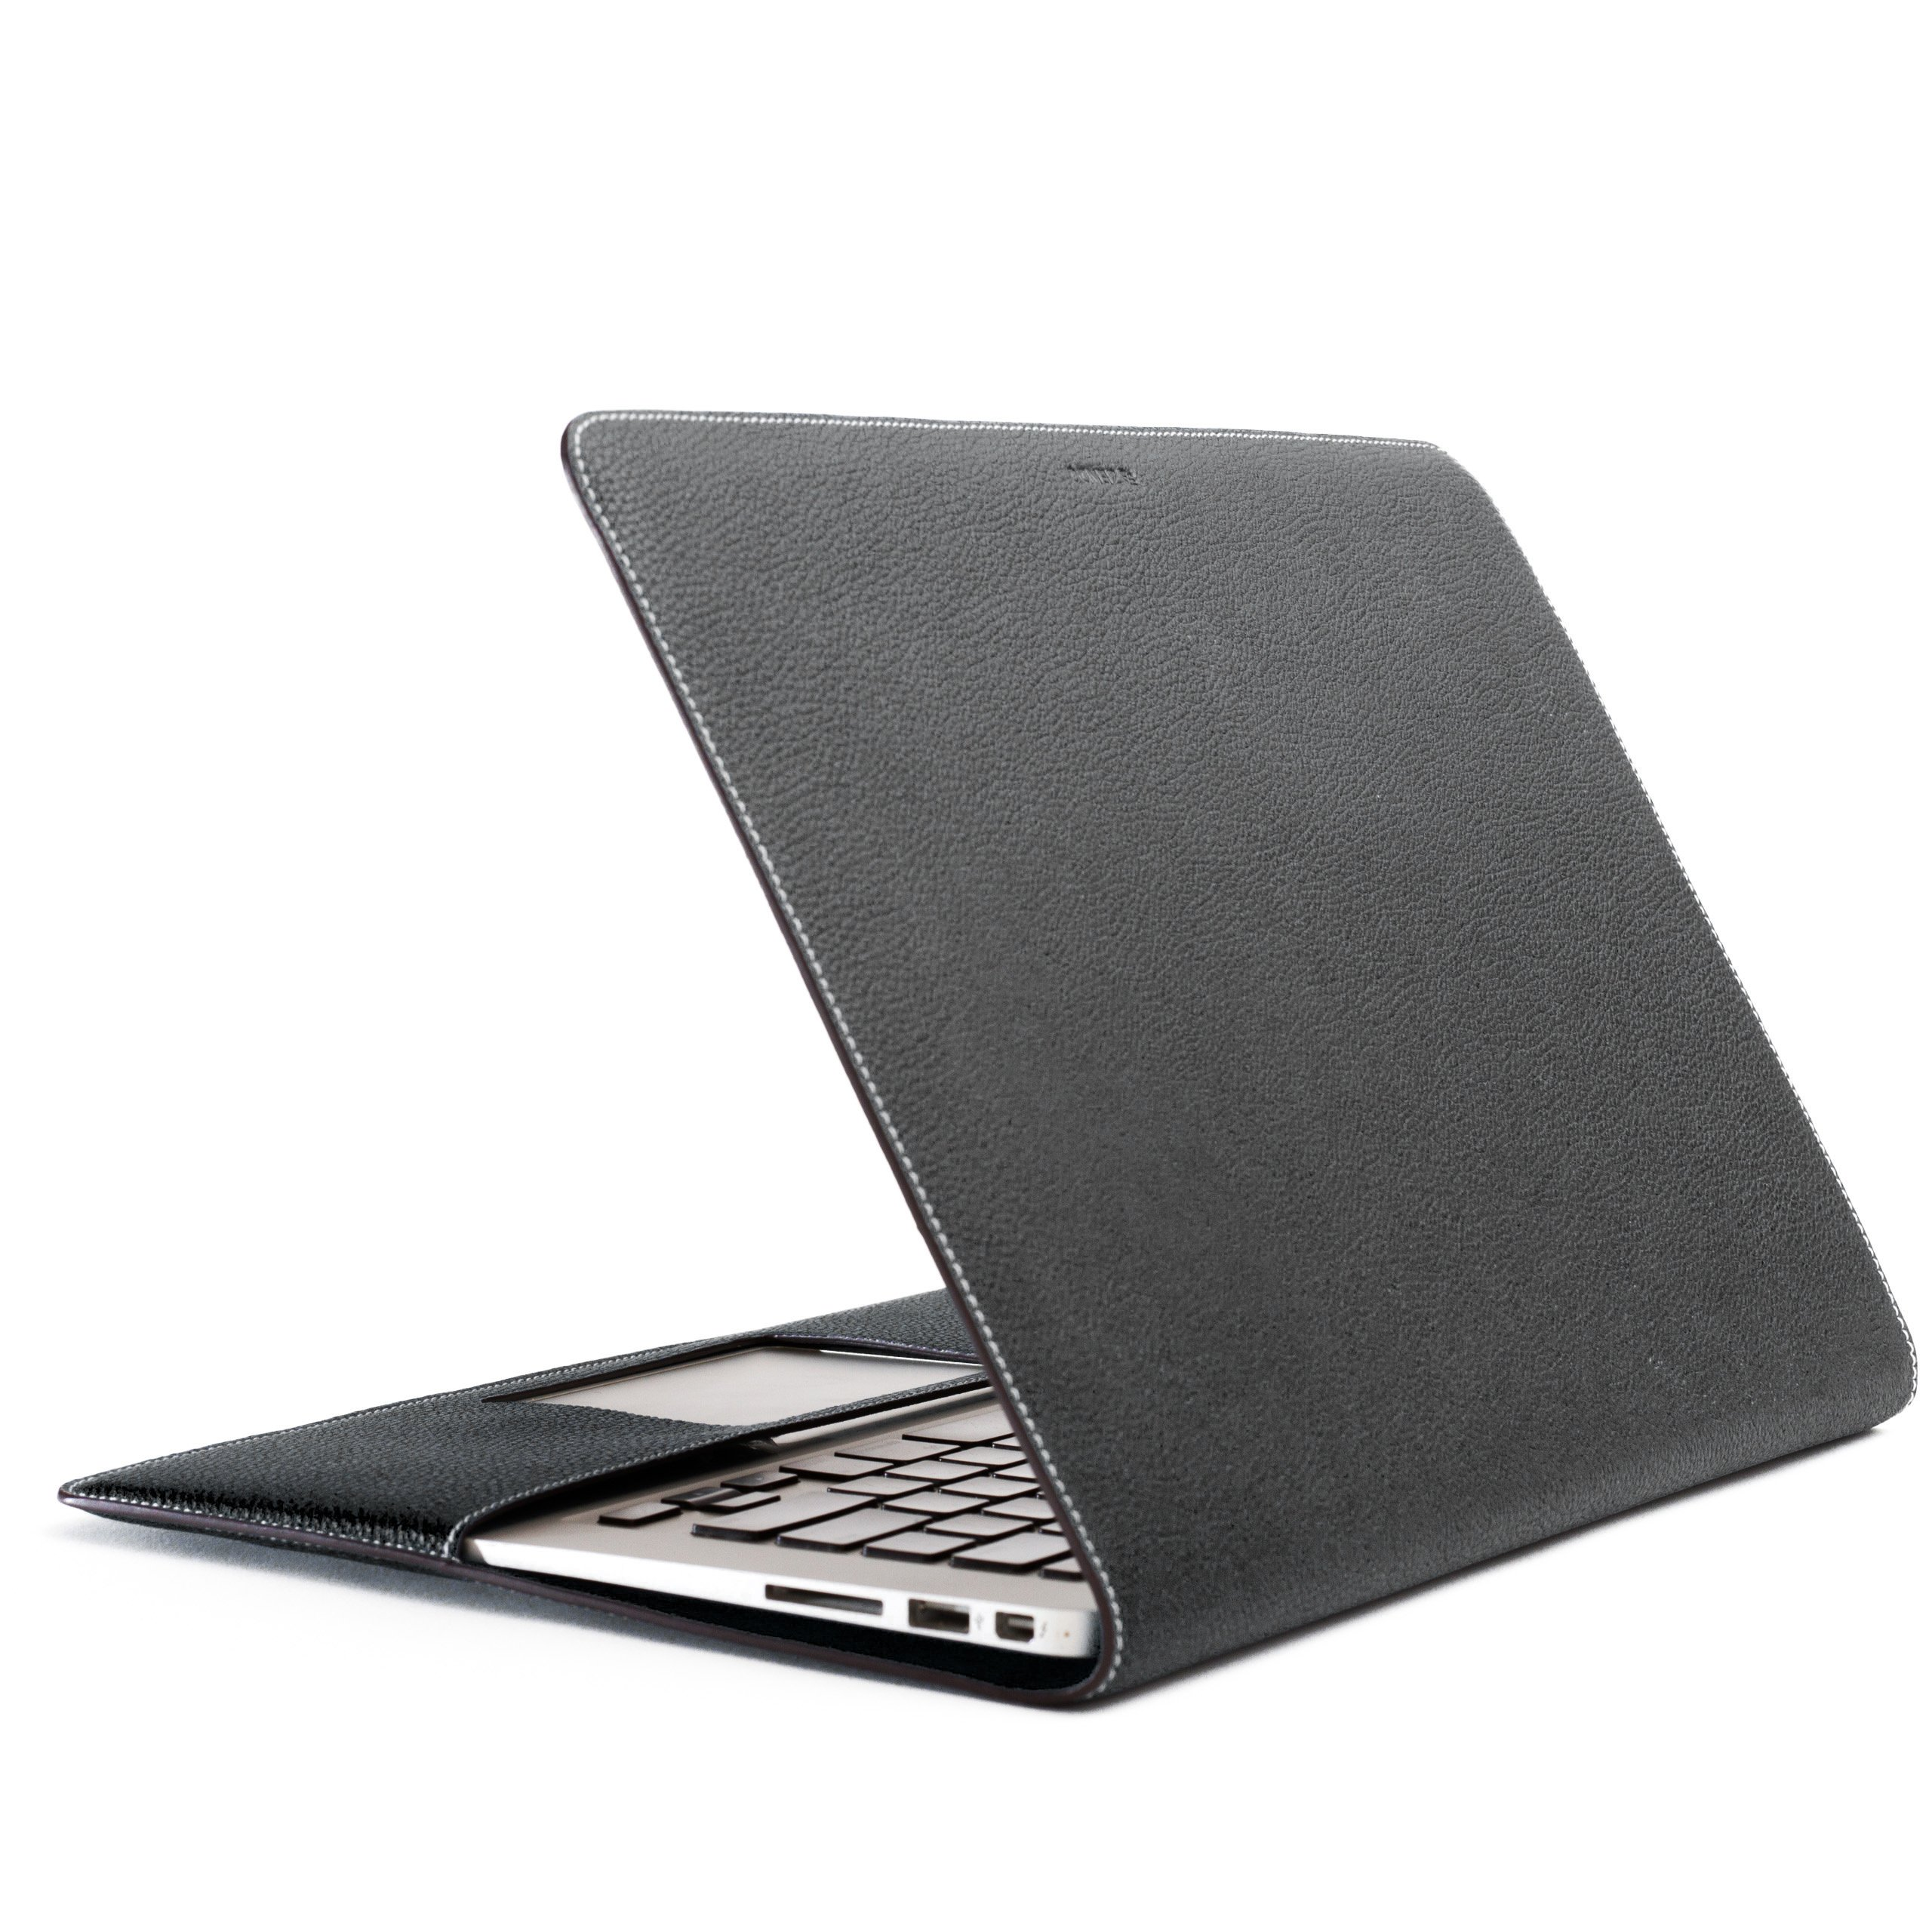 ZENDO MacBook Air 13'' Leather Cover (Full-Grain Shrunken Calf Leather)   PRIMO Luxury Full-Grain Leather [MacBook Air 13''   BLACK]